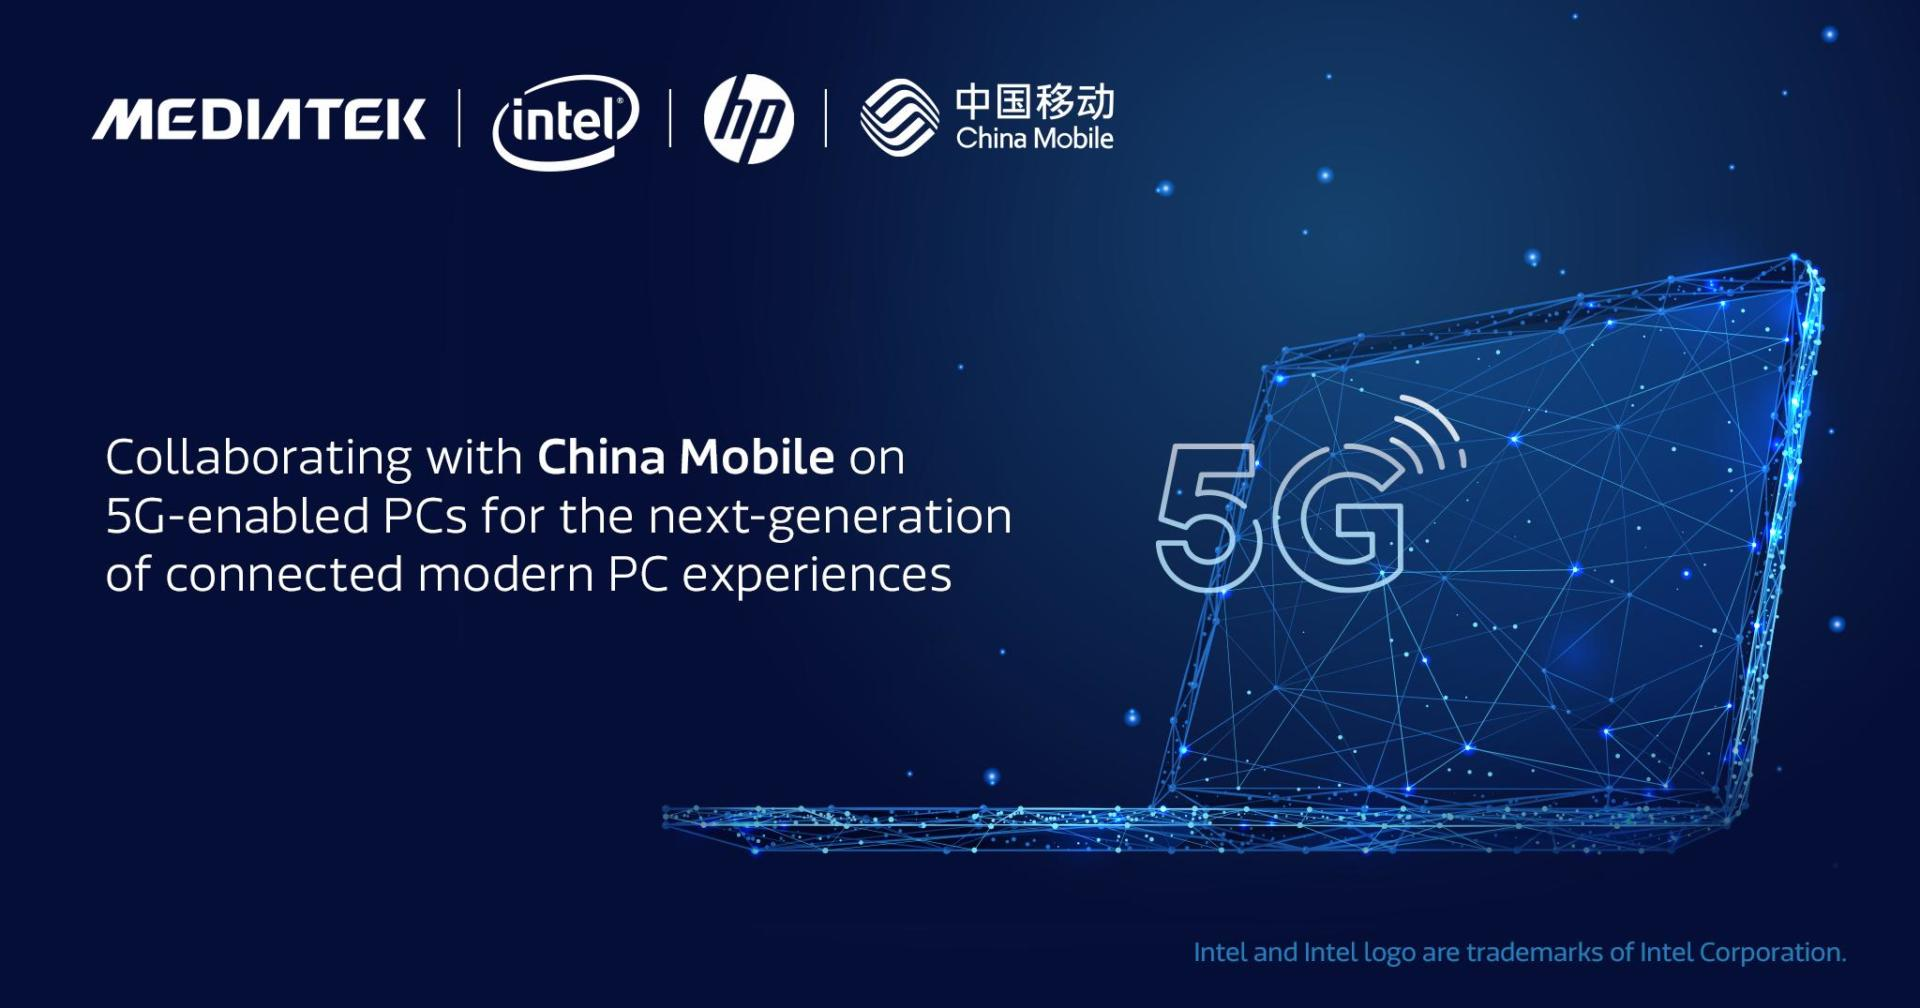 Nhà mạng China Mobile hợp tác với Intel, HP và MediaTek